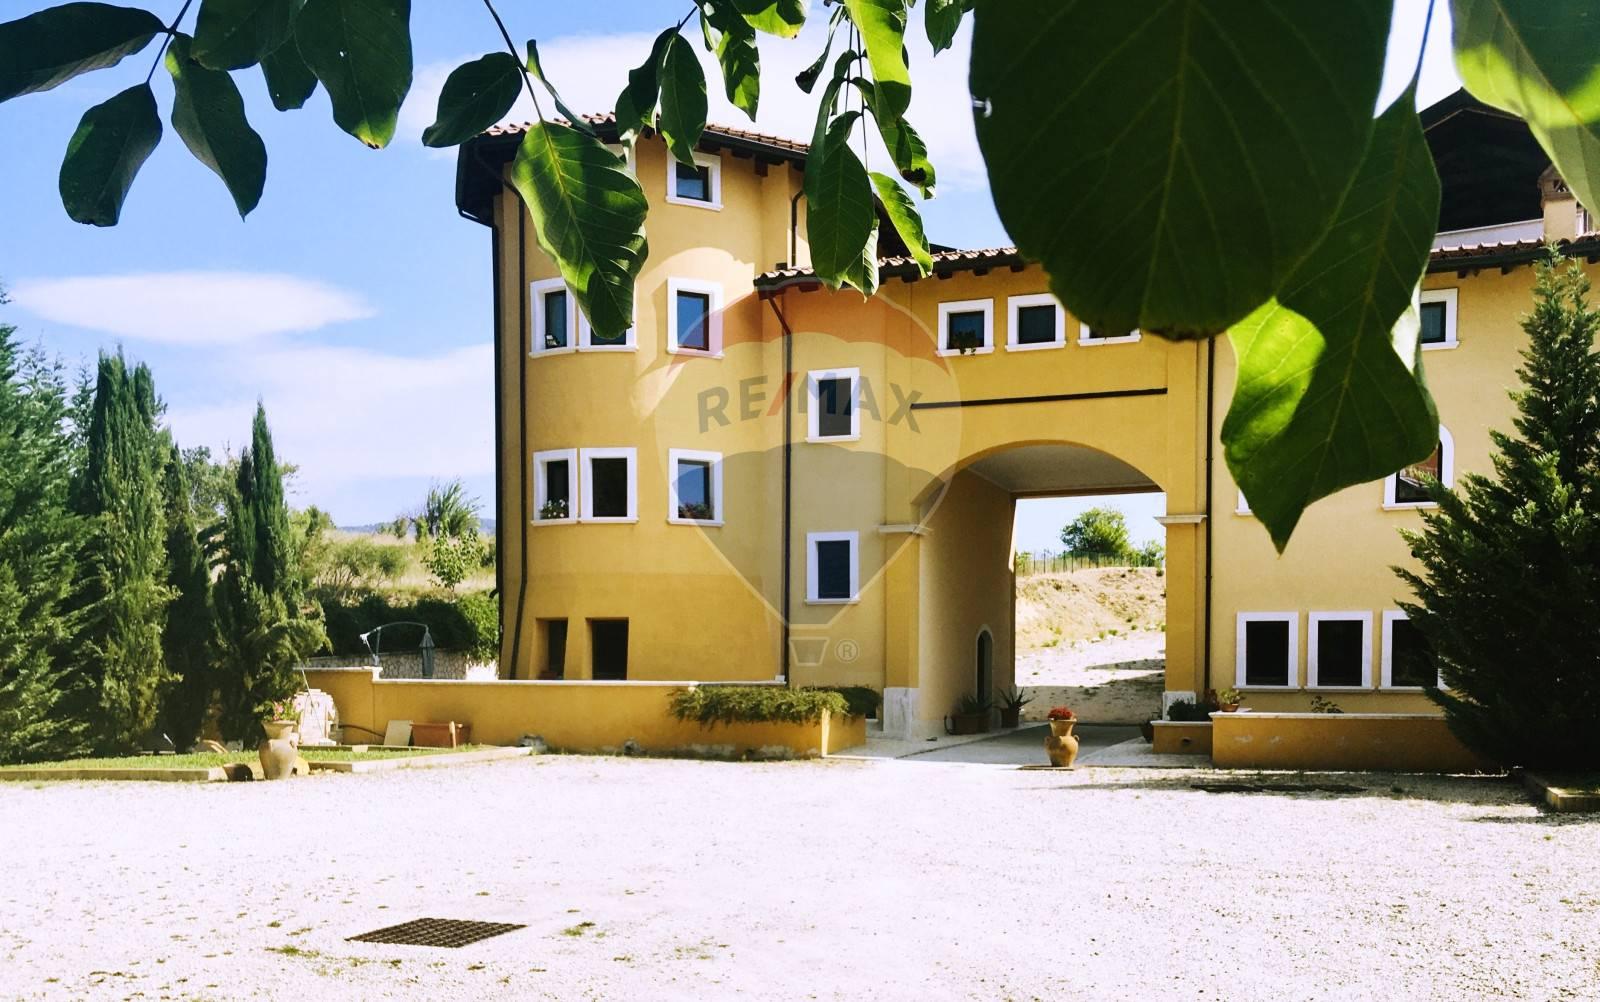 Appartamento in vendita a Scoppito, 3 locali, zona Località: MadonnadellaStrada, prezzo € 110.000   CambioCasa.it